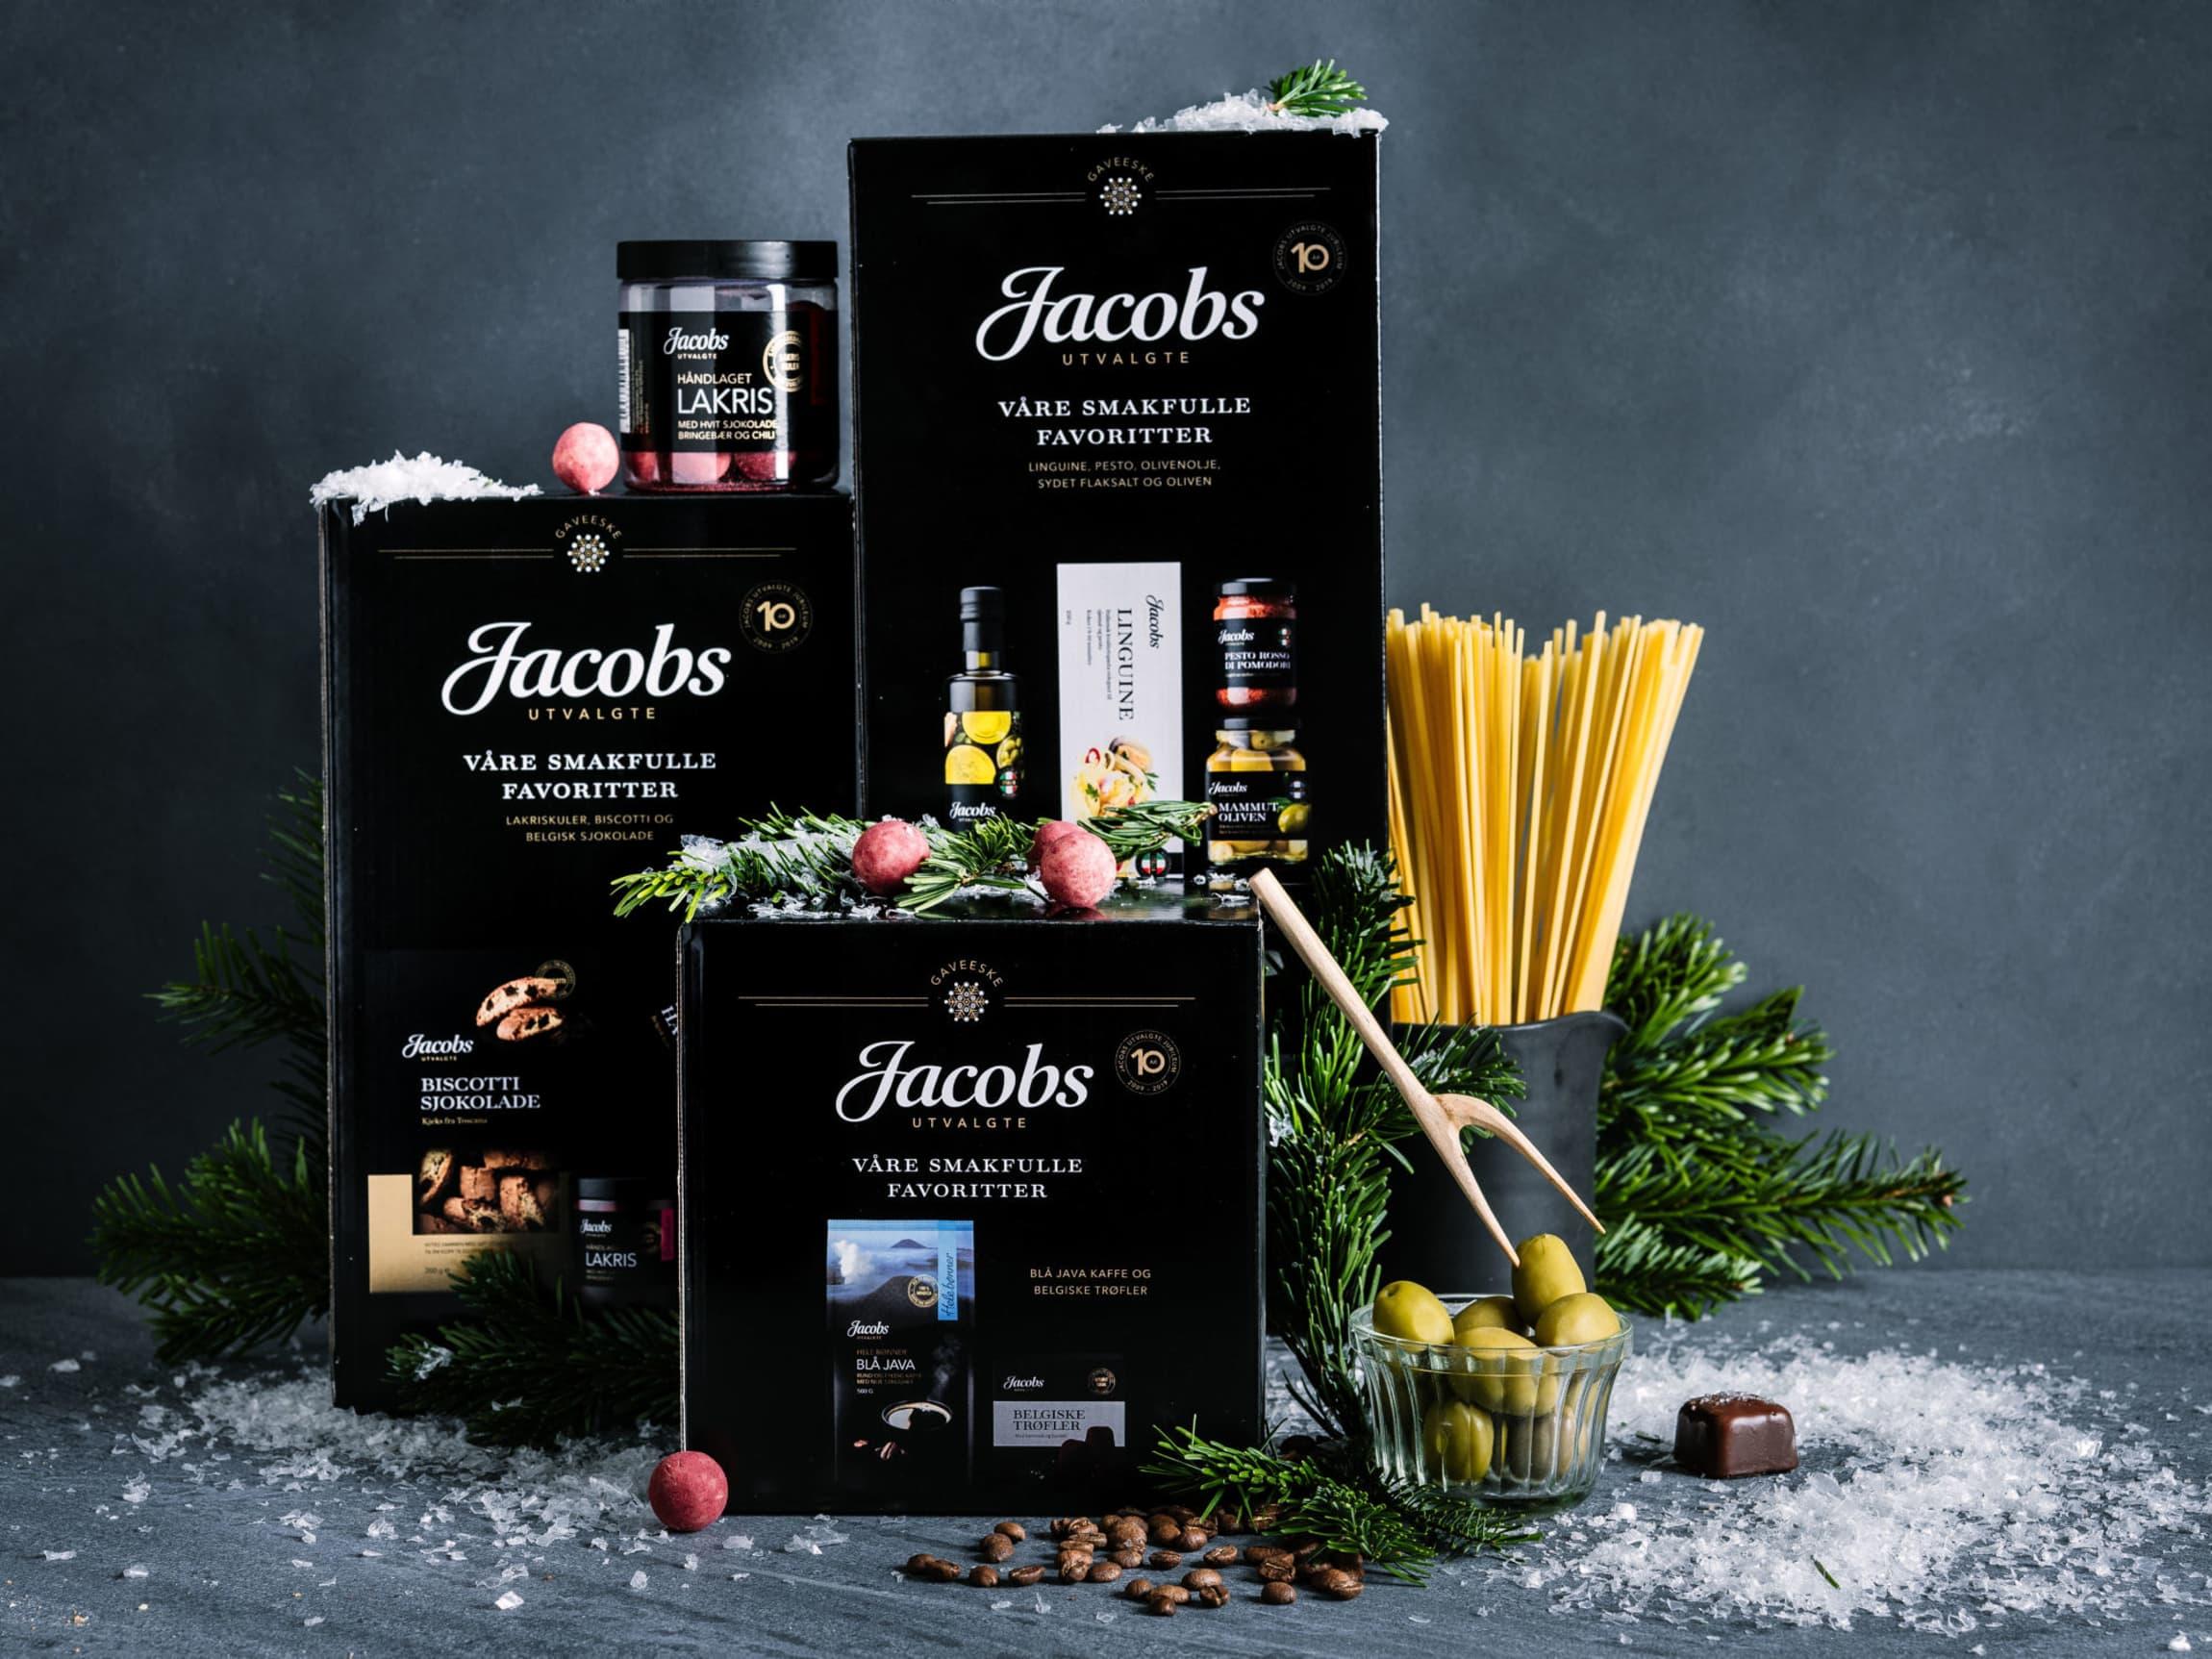 Lekre gaveesker fylt med favoritter fra kvalitetsserien Jacobs Utvalgte.